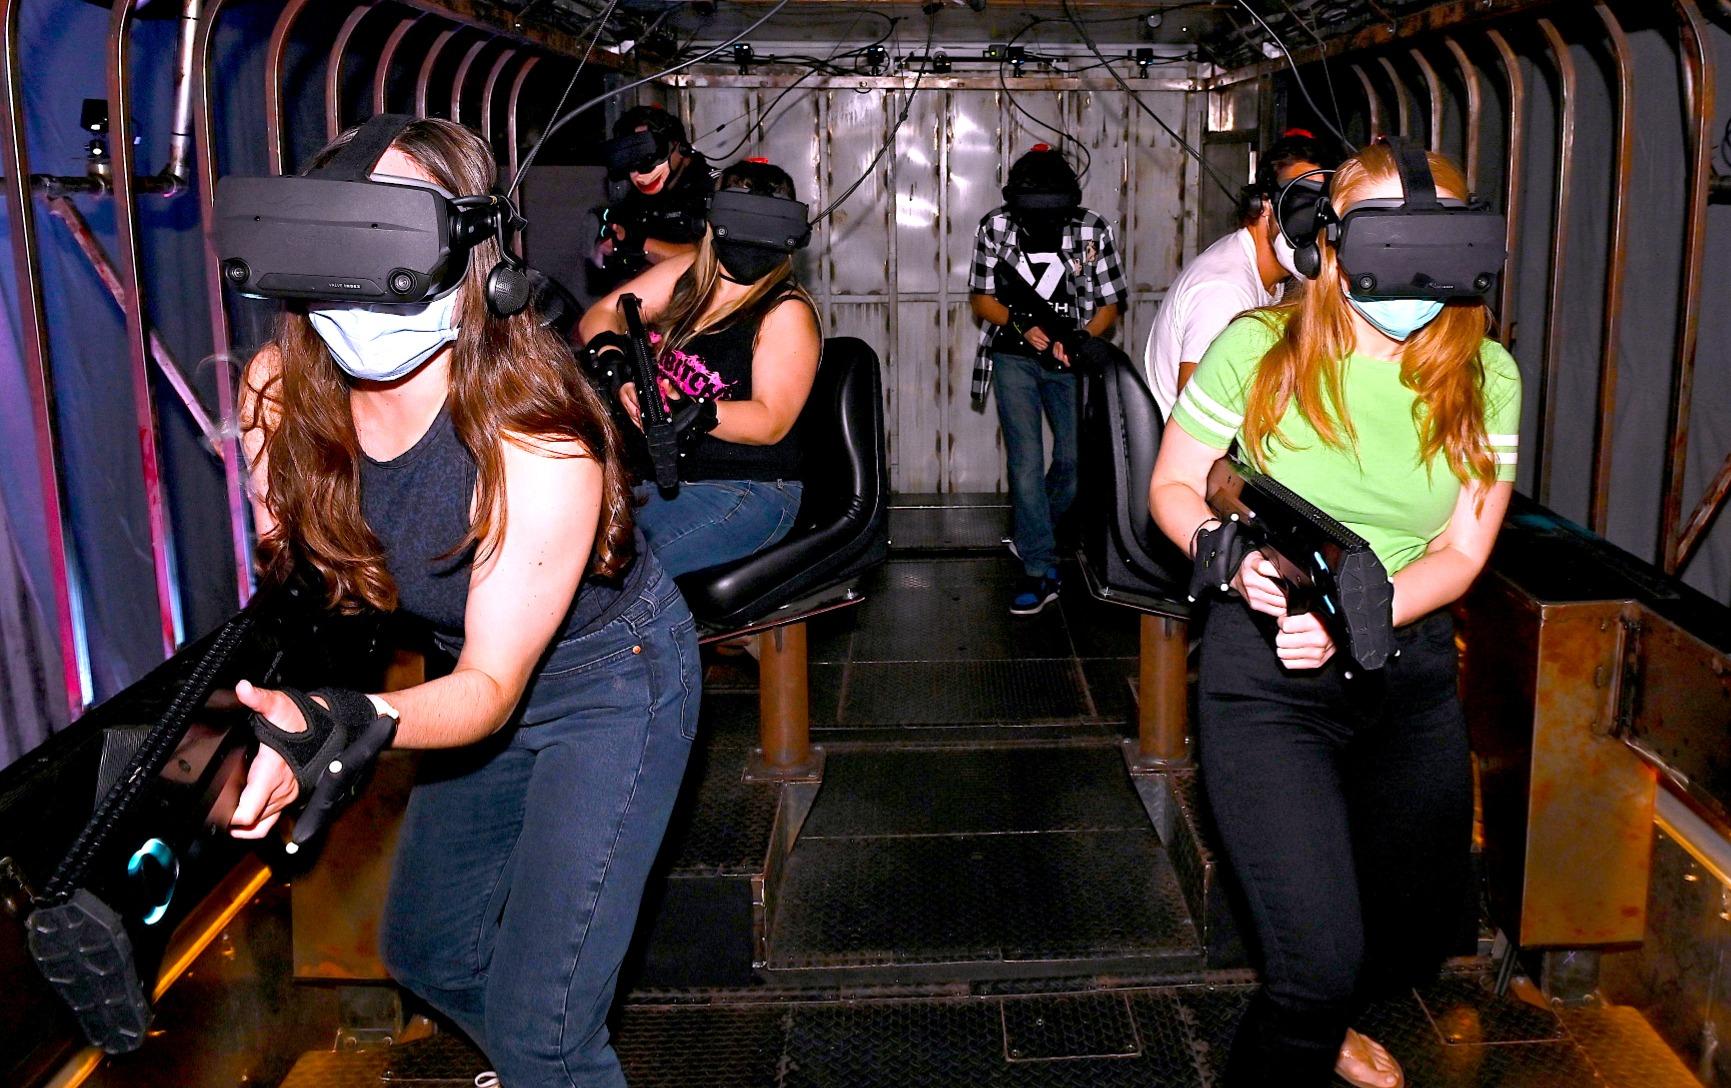 《活死人军团》VR线下巡回体验首站为洛杉矶,未来将扩大至21个城市